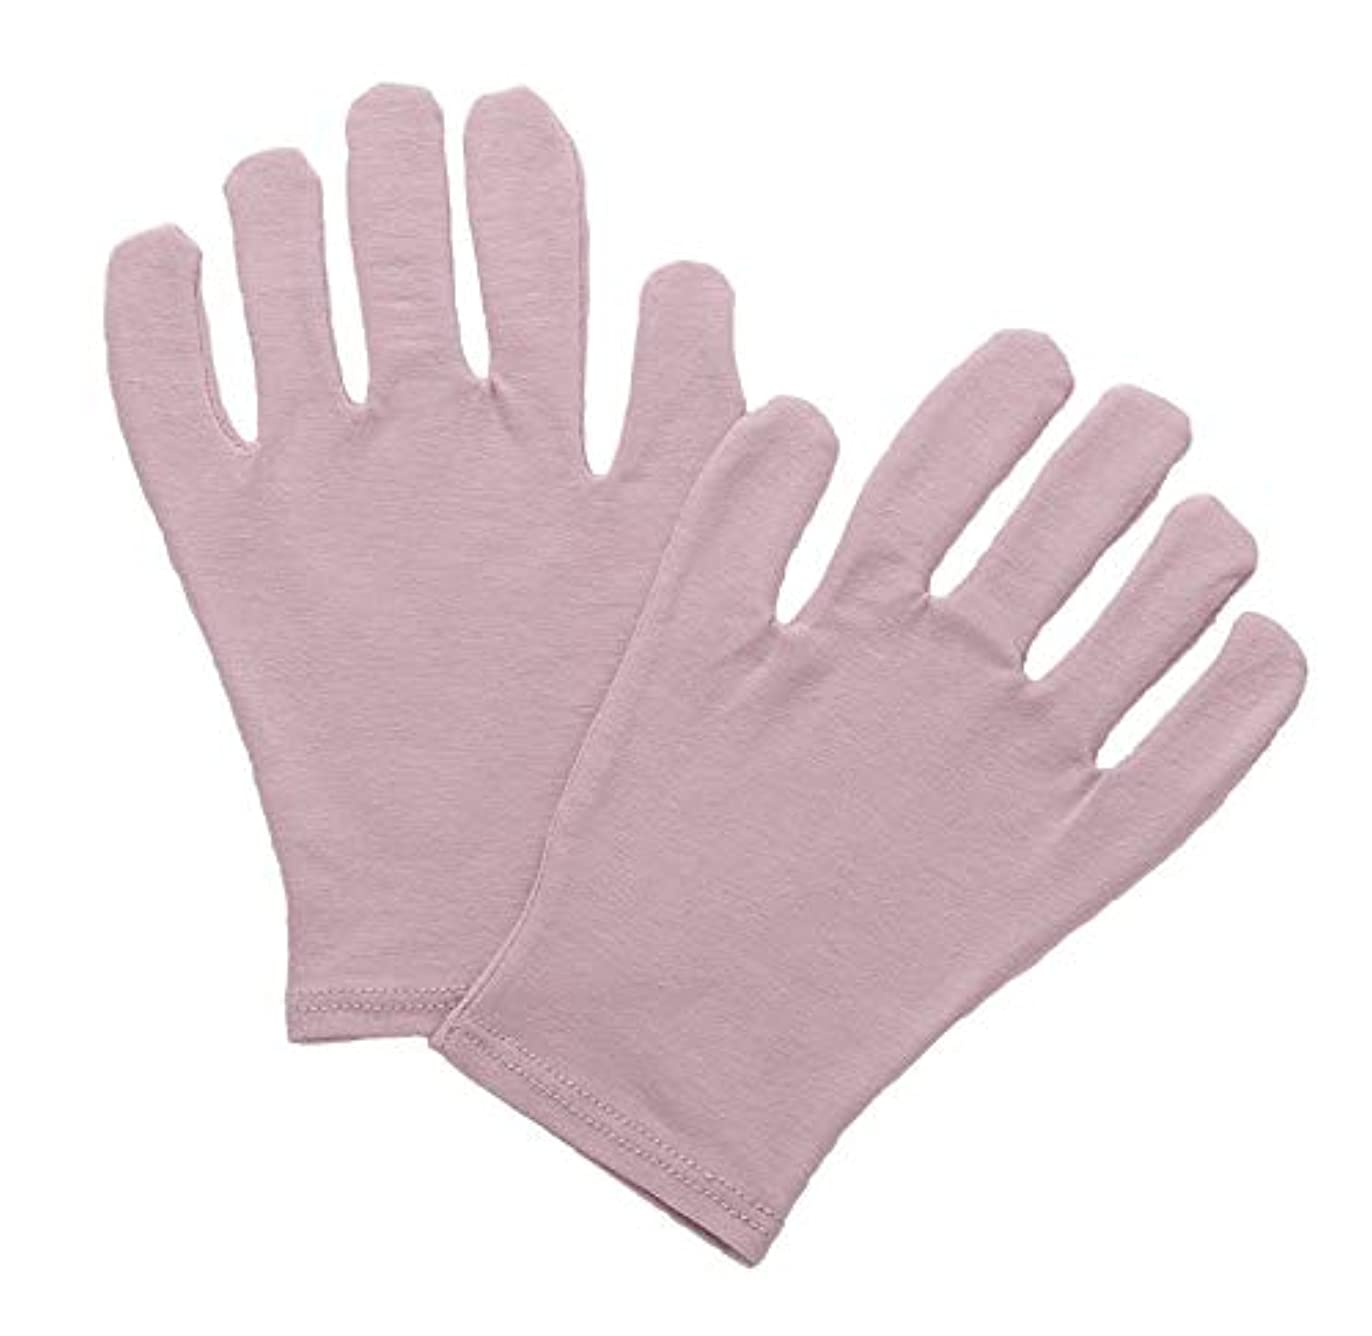 発明する世紀美容師椿オイル配合 スキンケア おやすみ手袋 在庫処分 お買い得品